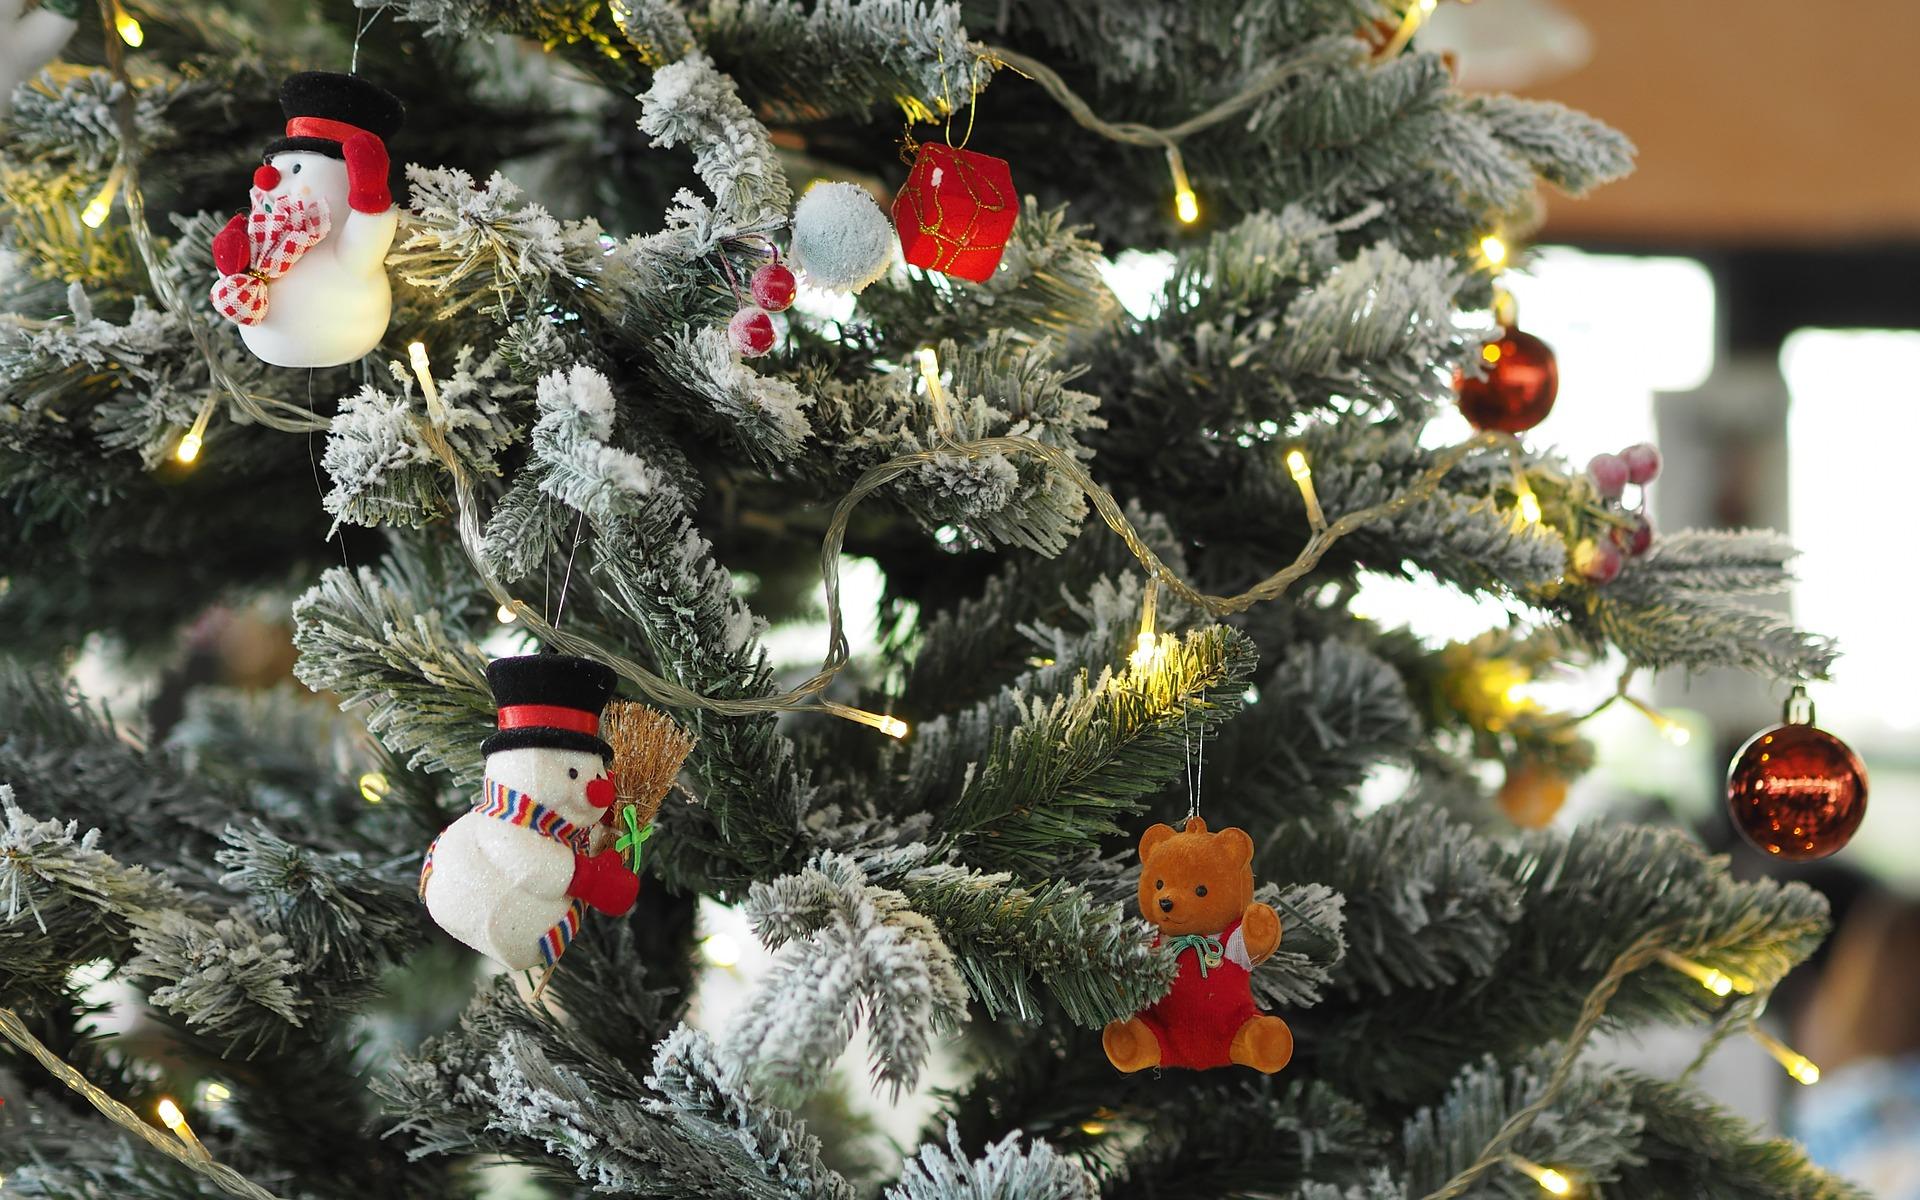 Kiedy należy rozebrać drzewko bożonarodzeniowe? - Zdjęcie główne